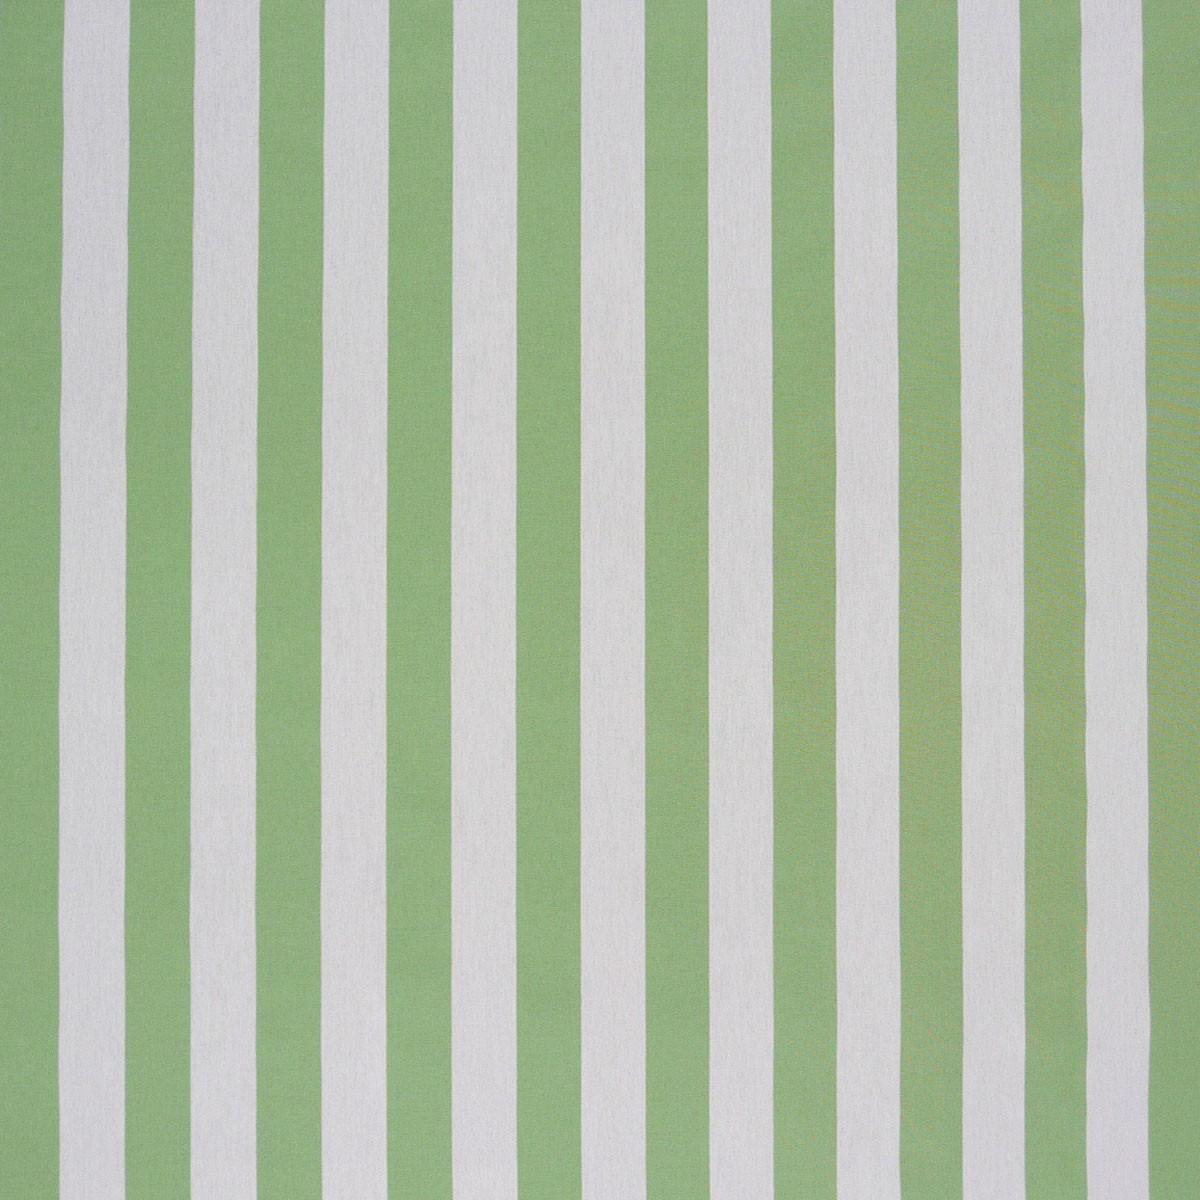 Outdoor Markisenstoff Gartenmöbelstoff Toldo Streifen grün weiß